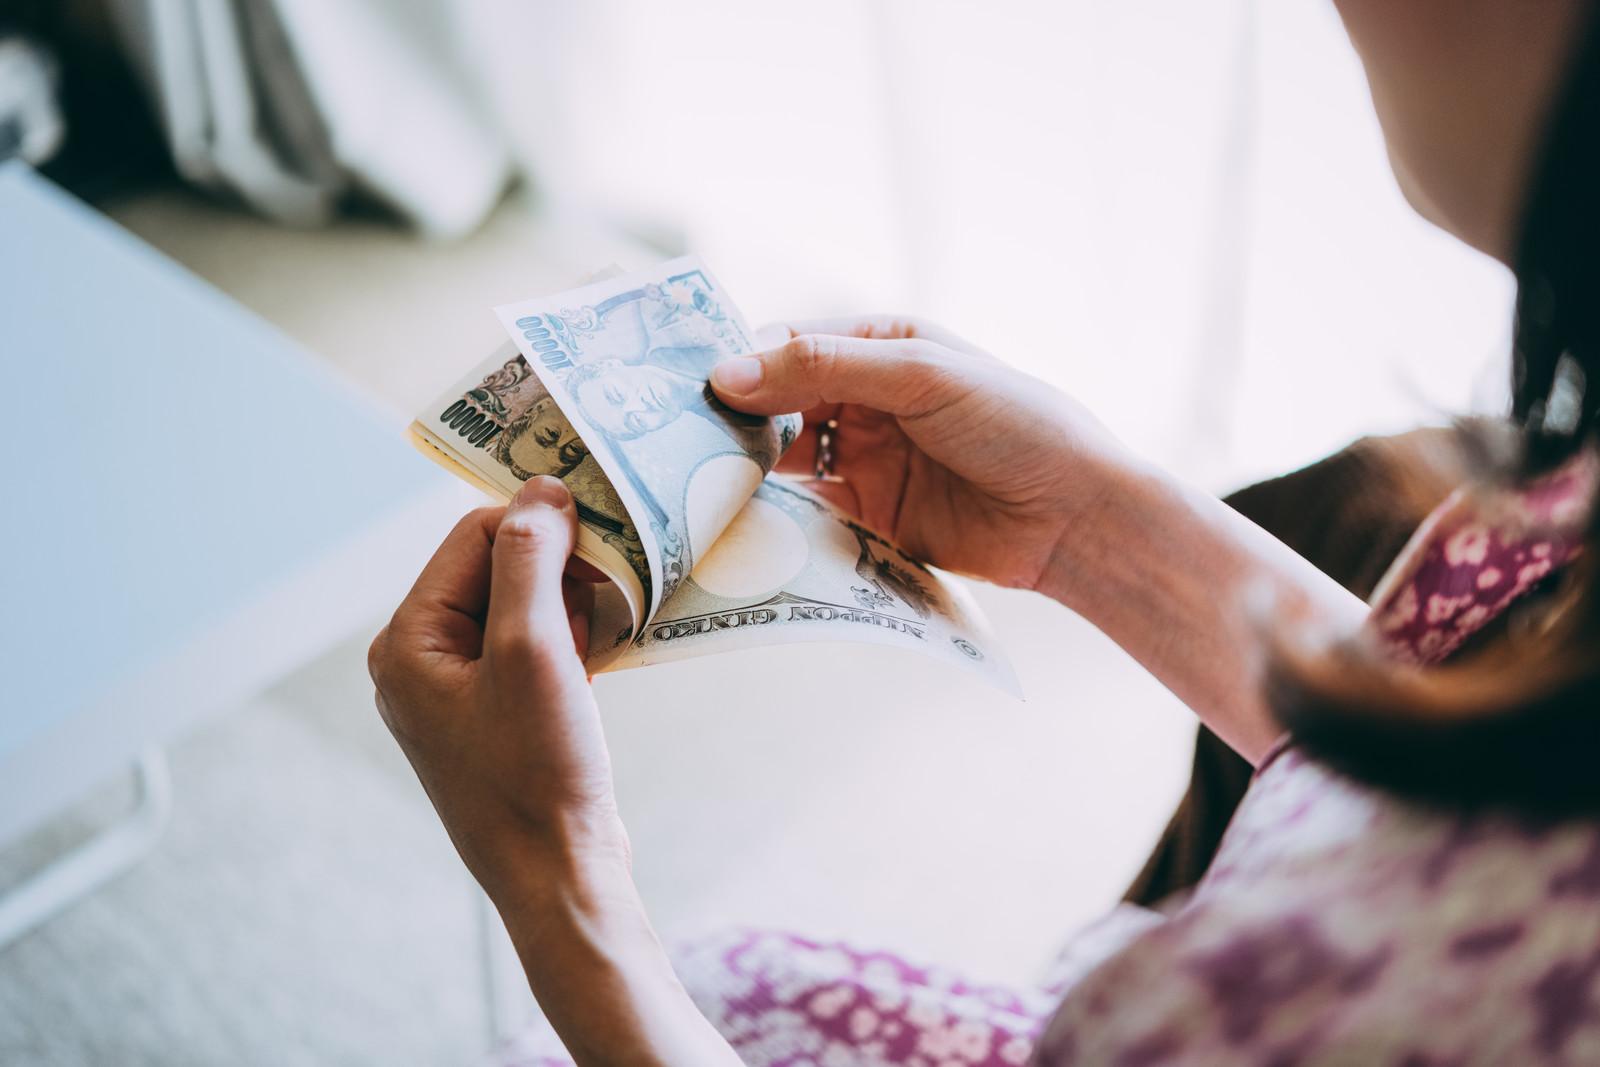 買いたい自己資金ある無しにかかわらずという人多し